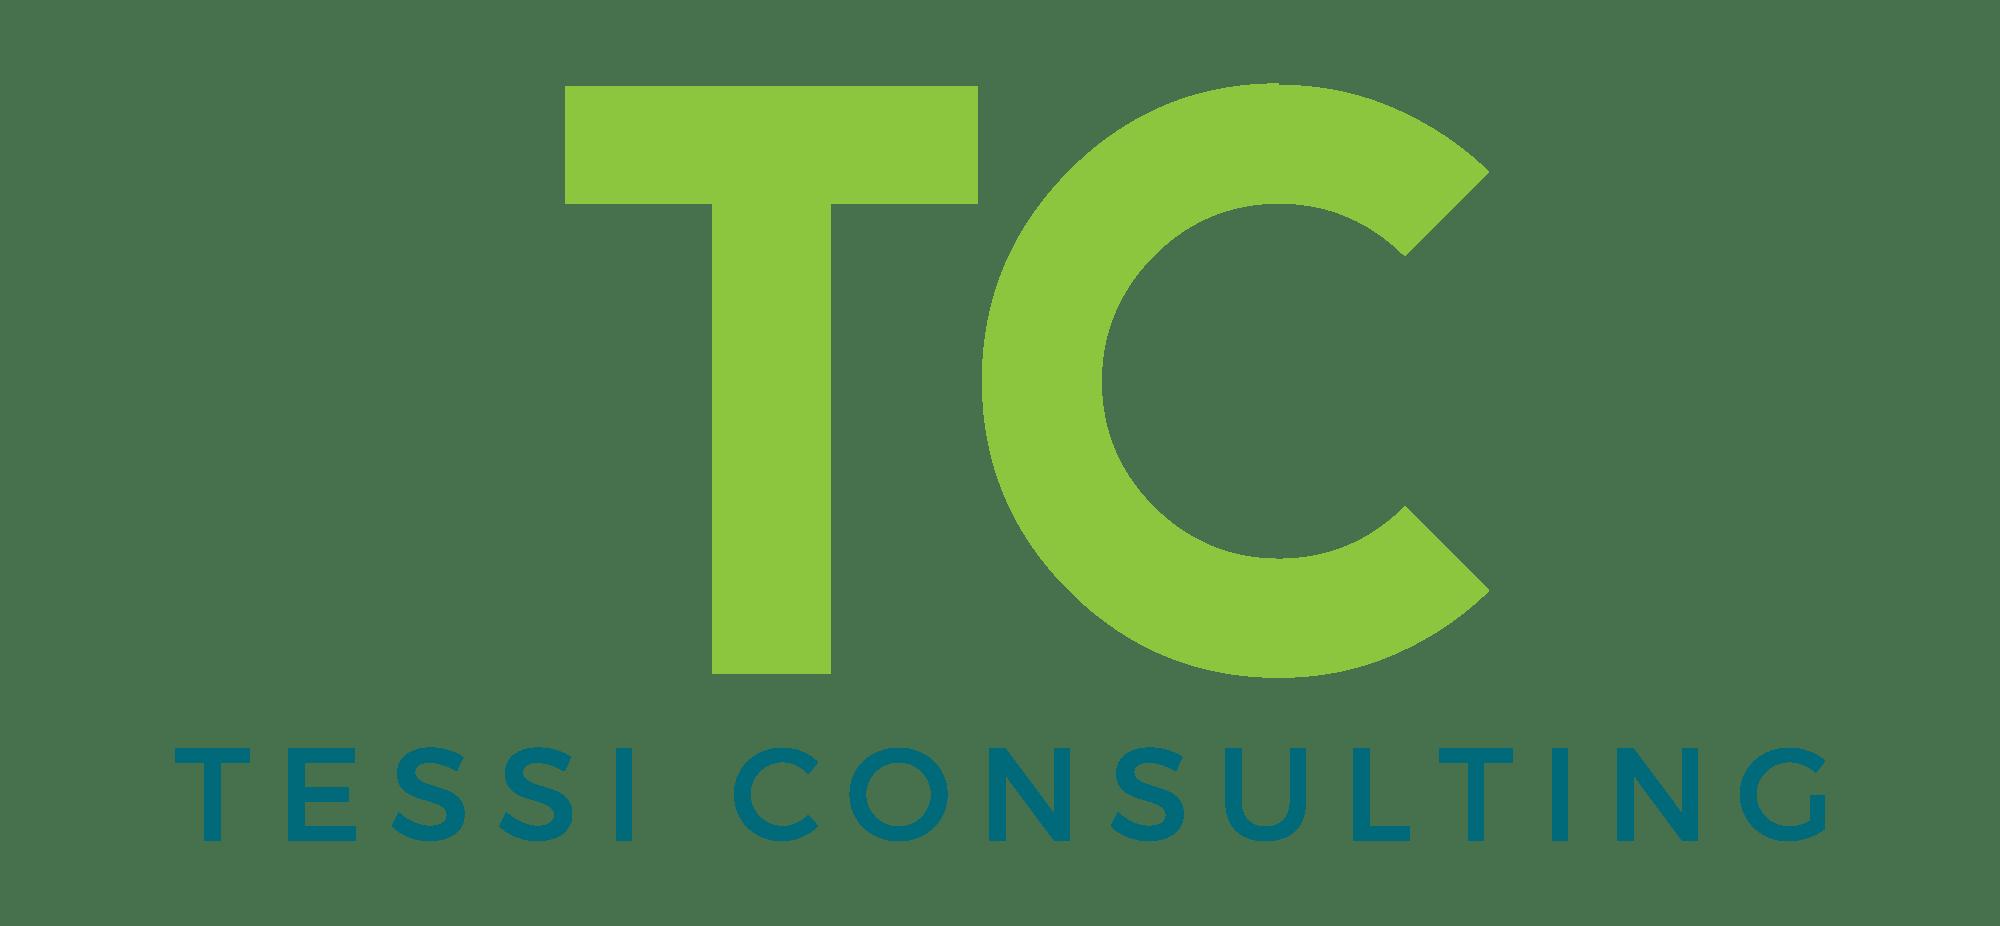 Tessi Consulting offers at BlackBoston.com